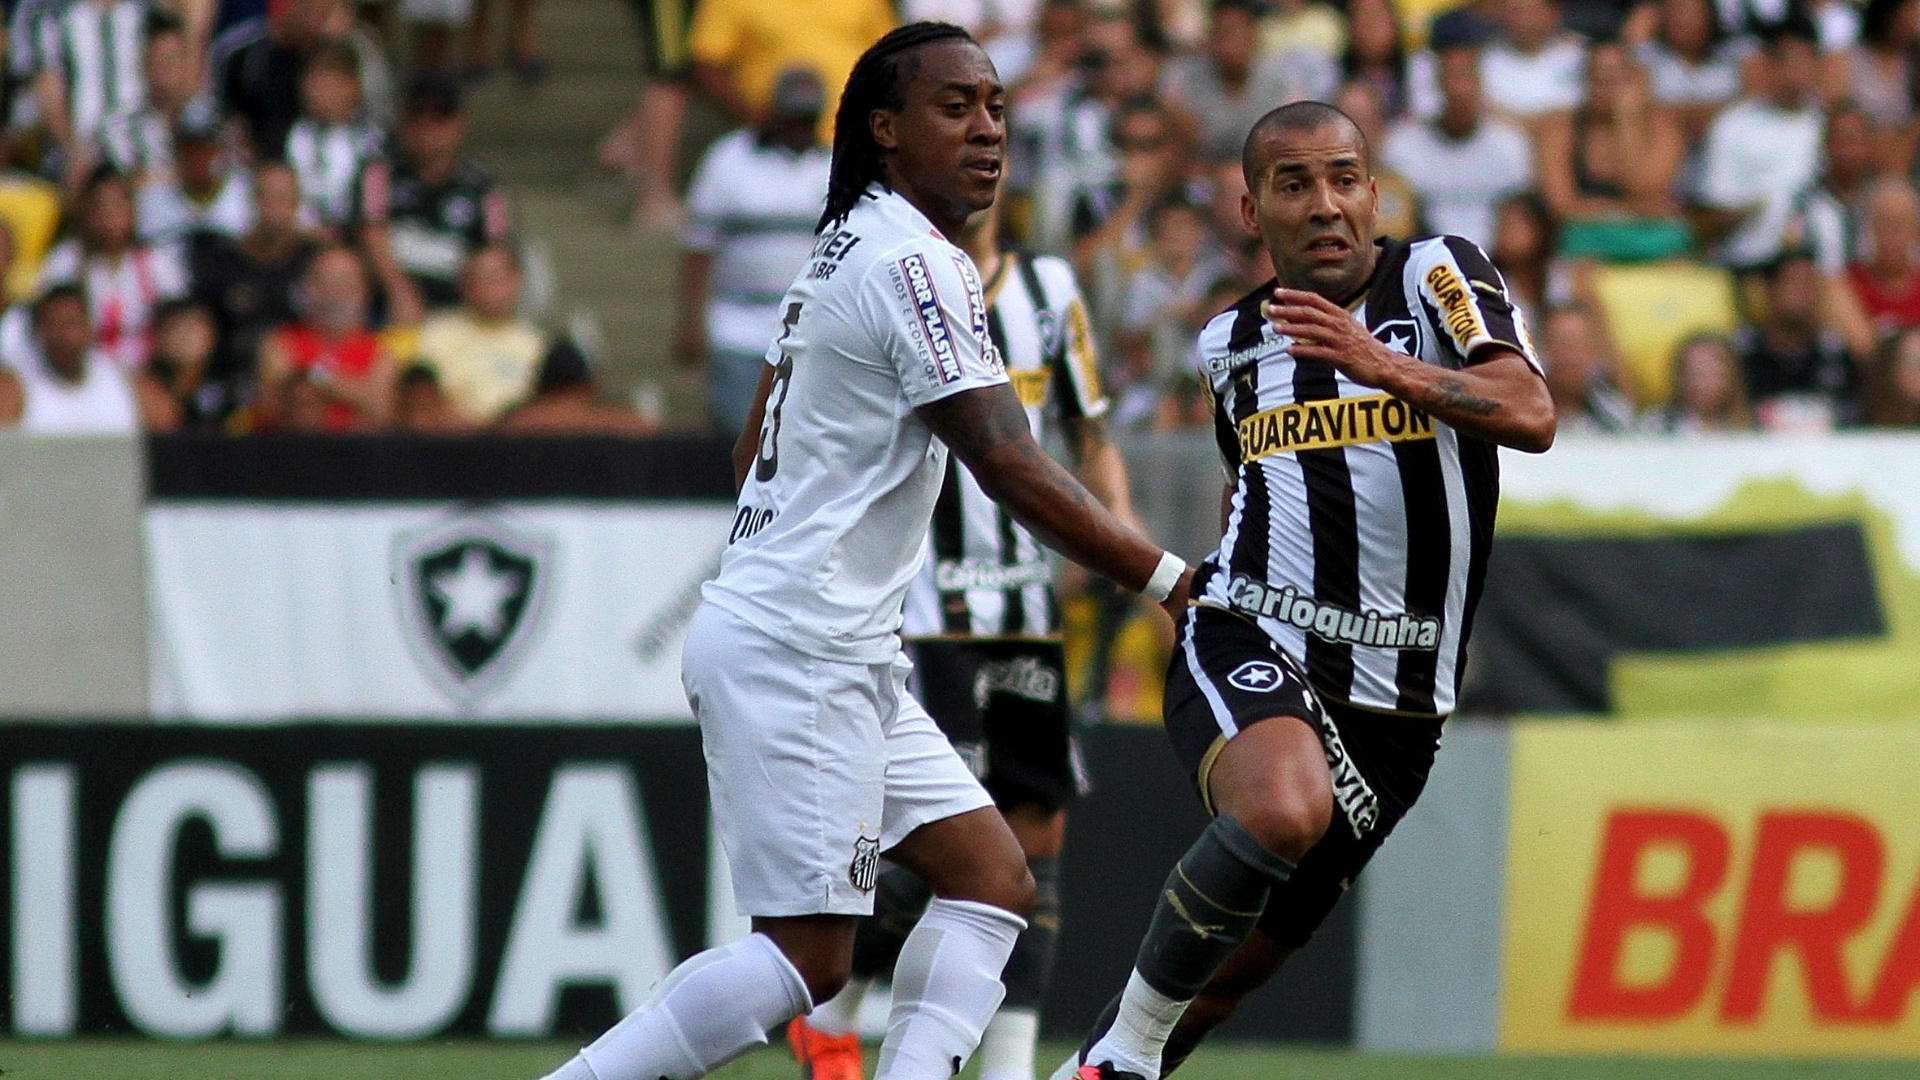 ef8b5cbbb1 Emerson Sheik tenta se livrar da marcação de Arouca durante duelo entre  Botafogo e Santos no